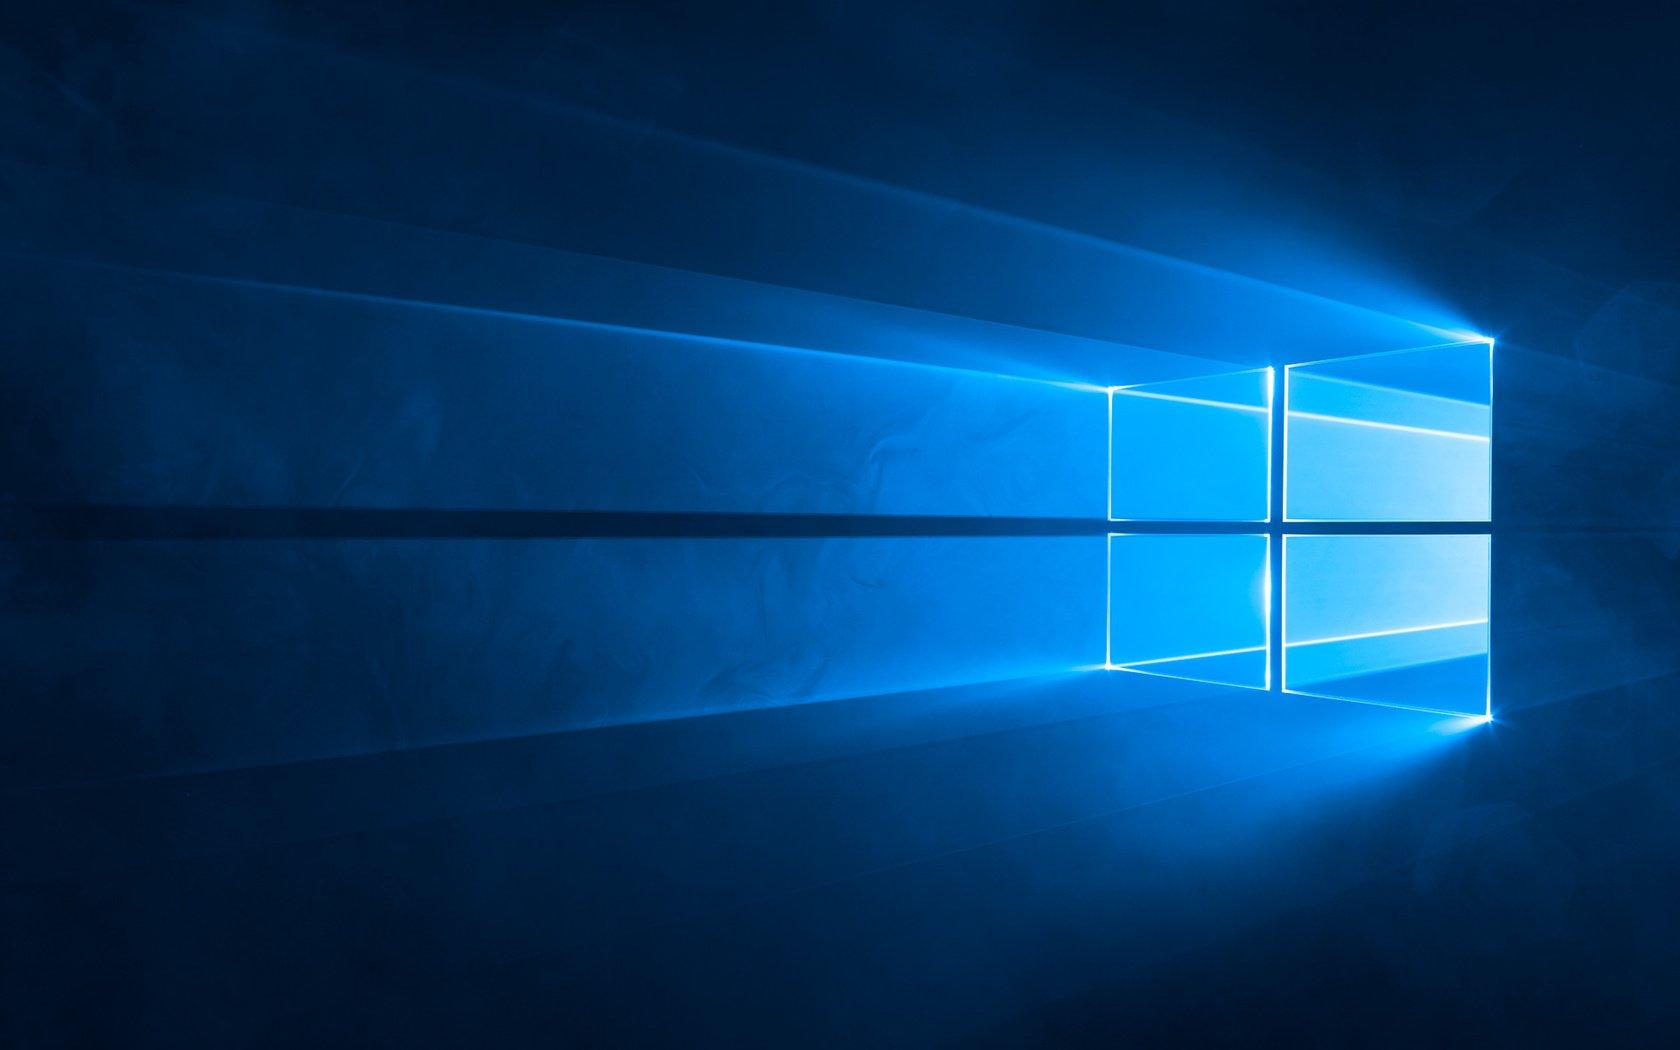 Обновите свой ПК до Windows 10 бесплатно